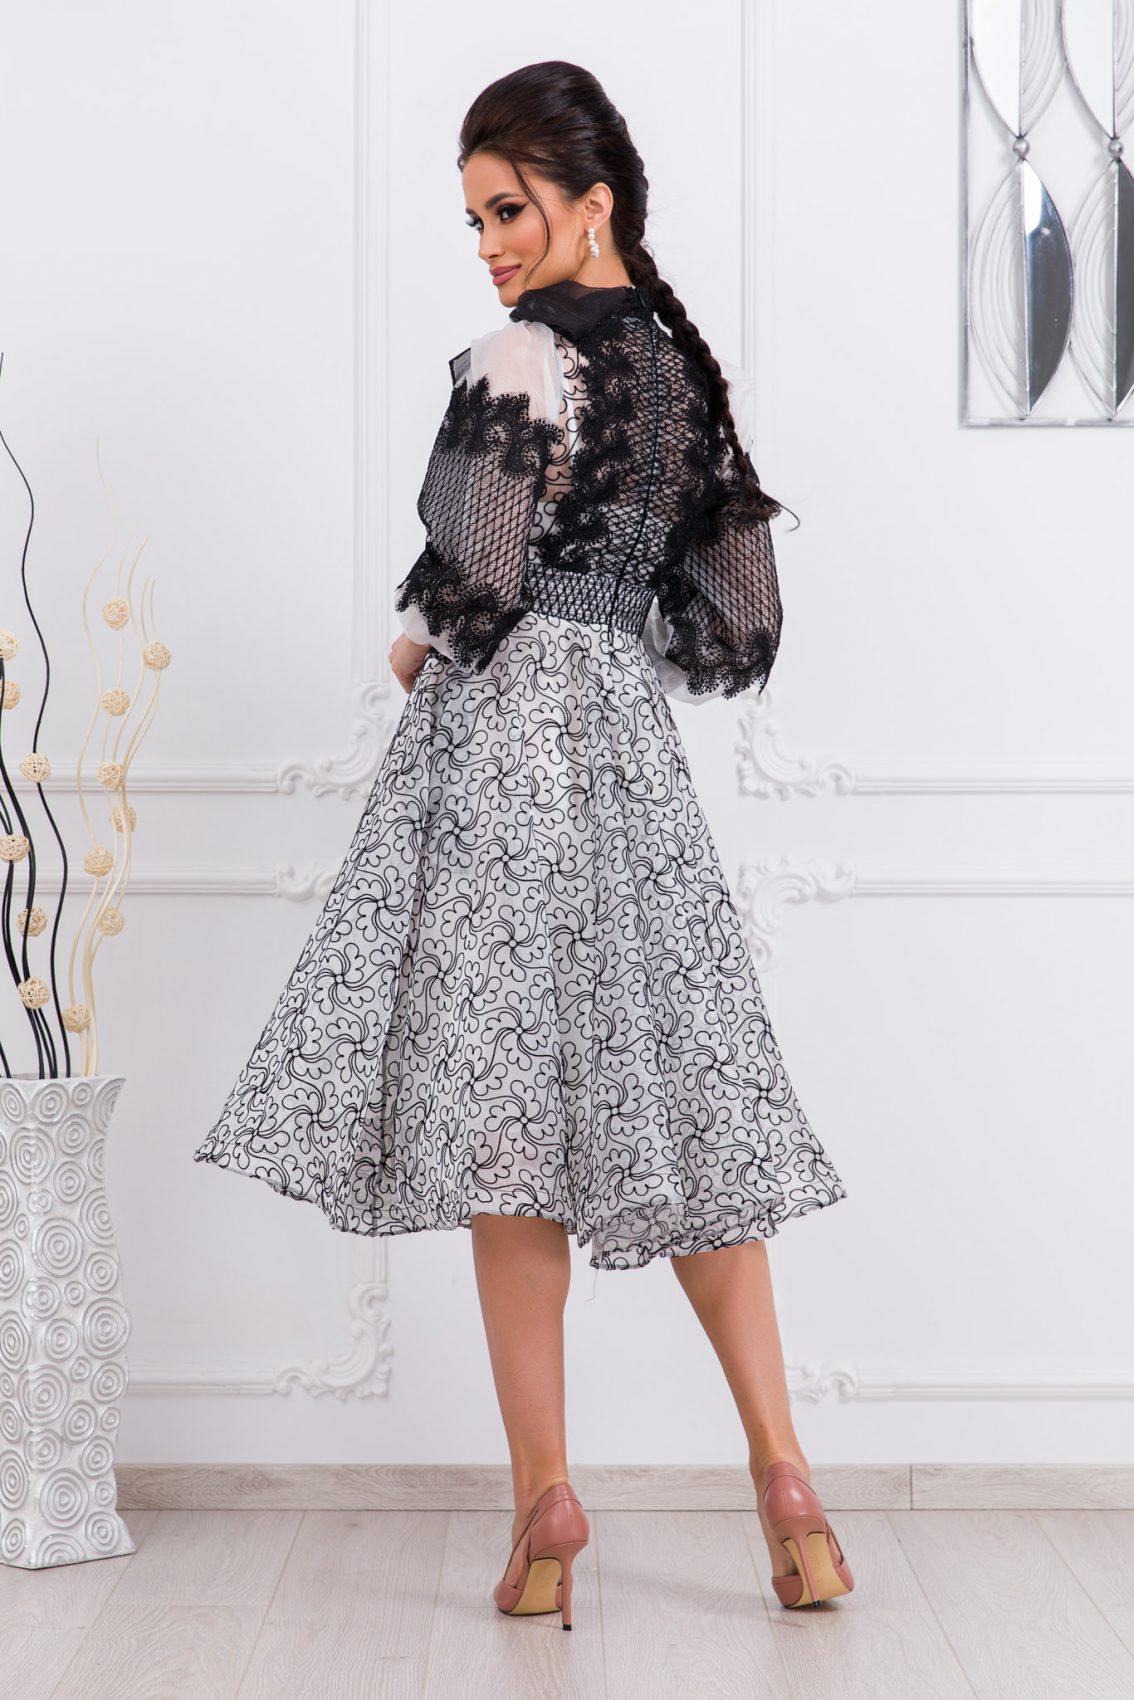 Βραδινό Φόρεμα Με Δαντέλα Radiant 9749 2